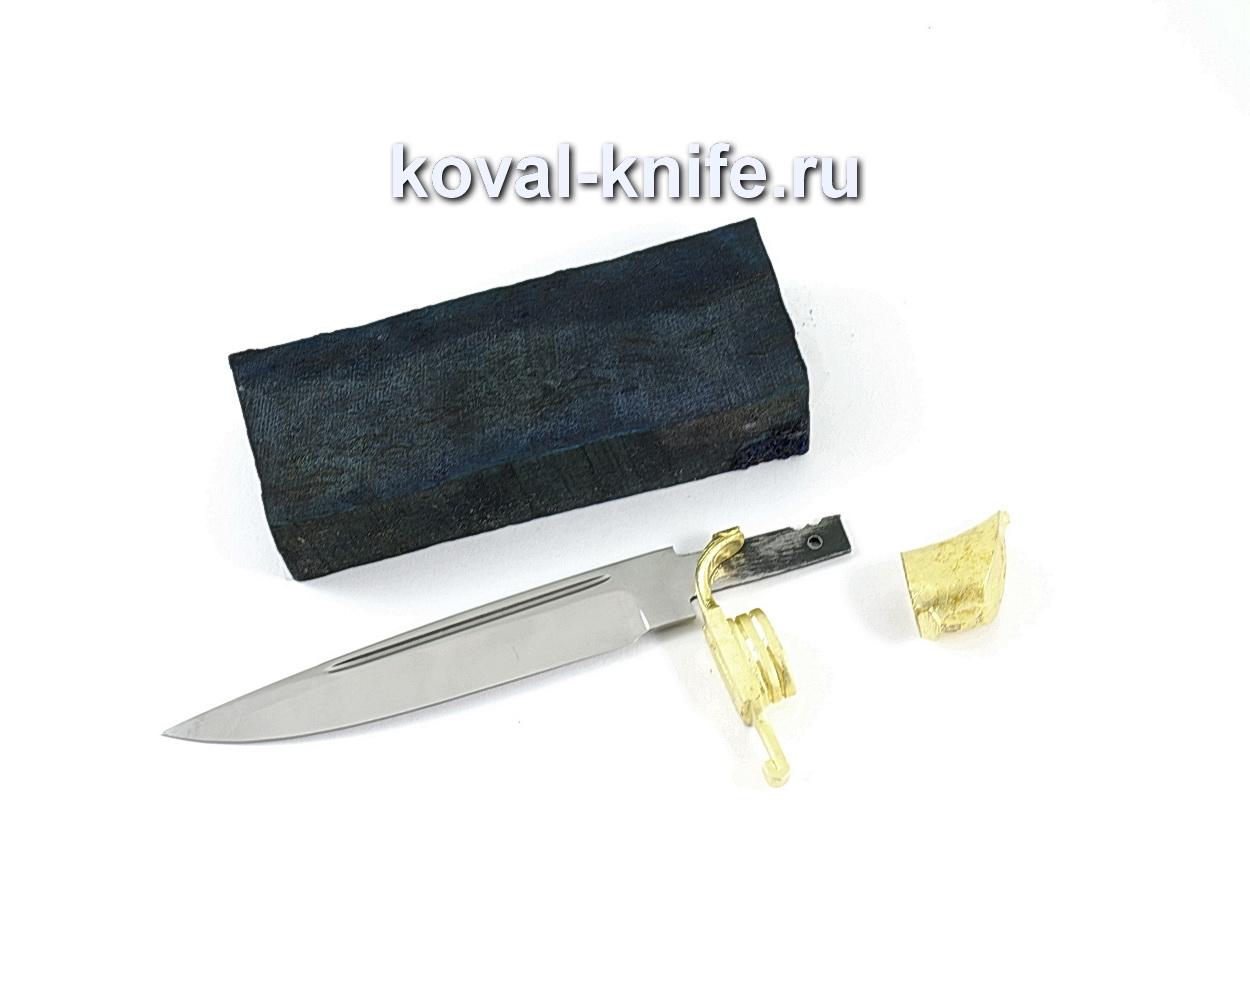 Комплект для финки НКВД 1 (клинок кованая 95х18 2,4мм, литье 2шт., граб брусок)